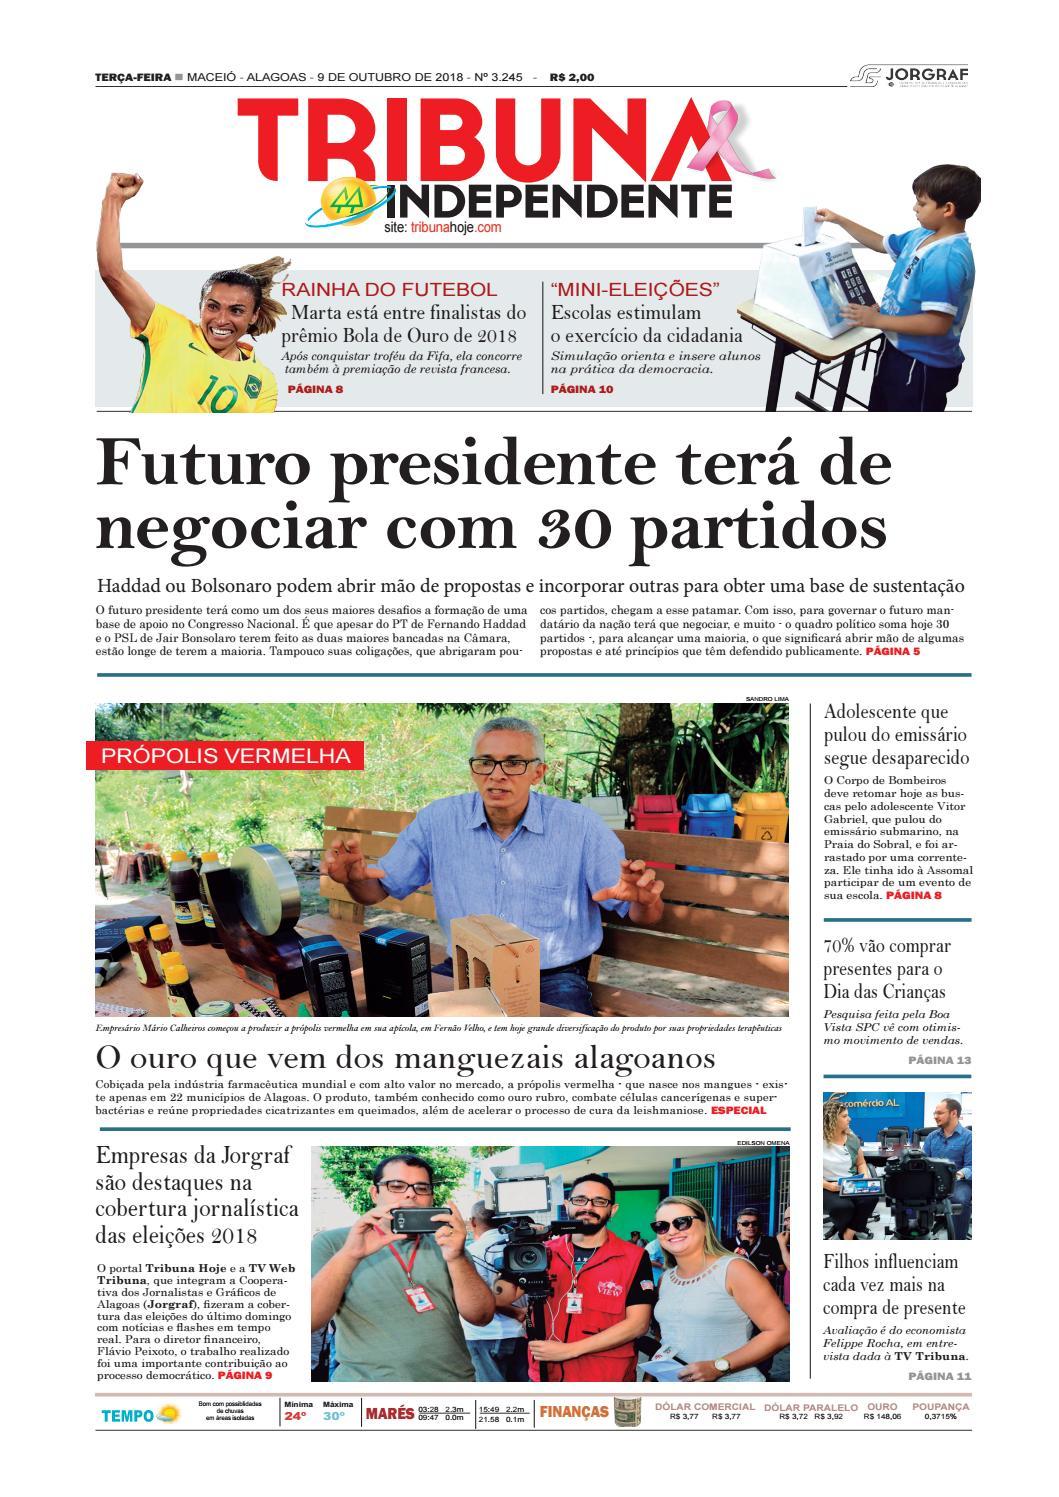 4e30eb8d6b7eb Edição número 3245 - 9 de outubro de 2018 by Tribuna Hoje - issuu